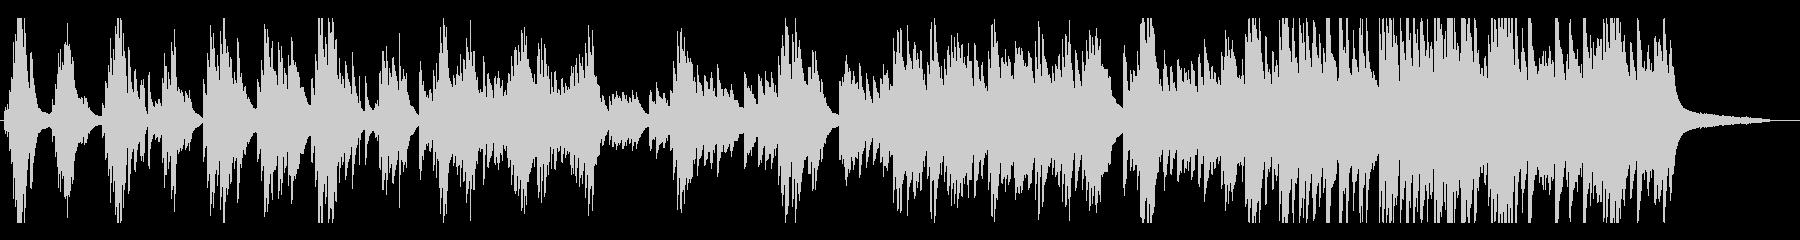 ドキュメンタリー番組OP風 ピアノソロの未再生の波形